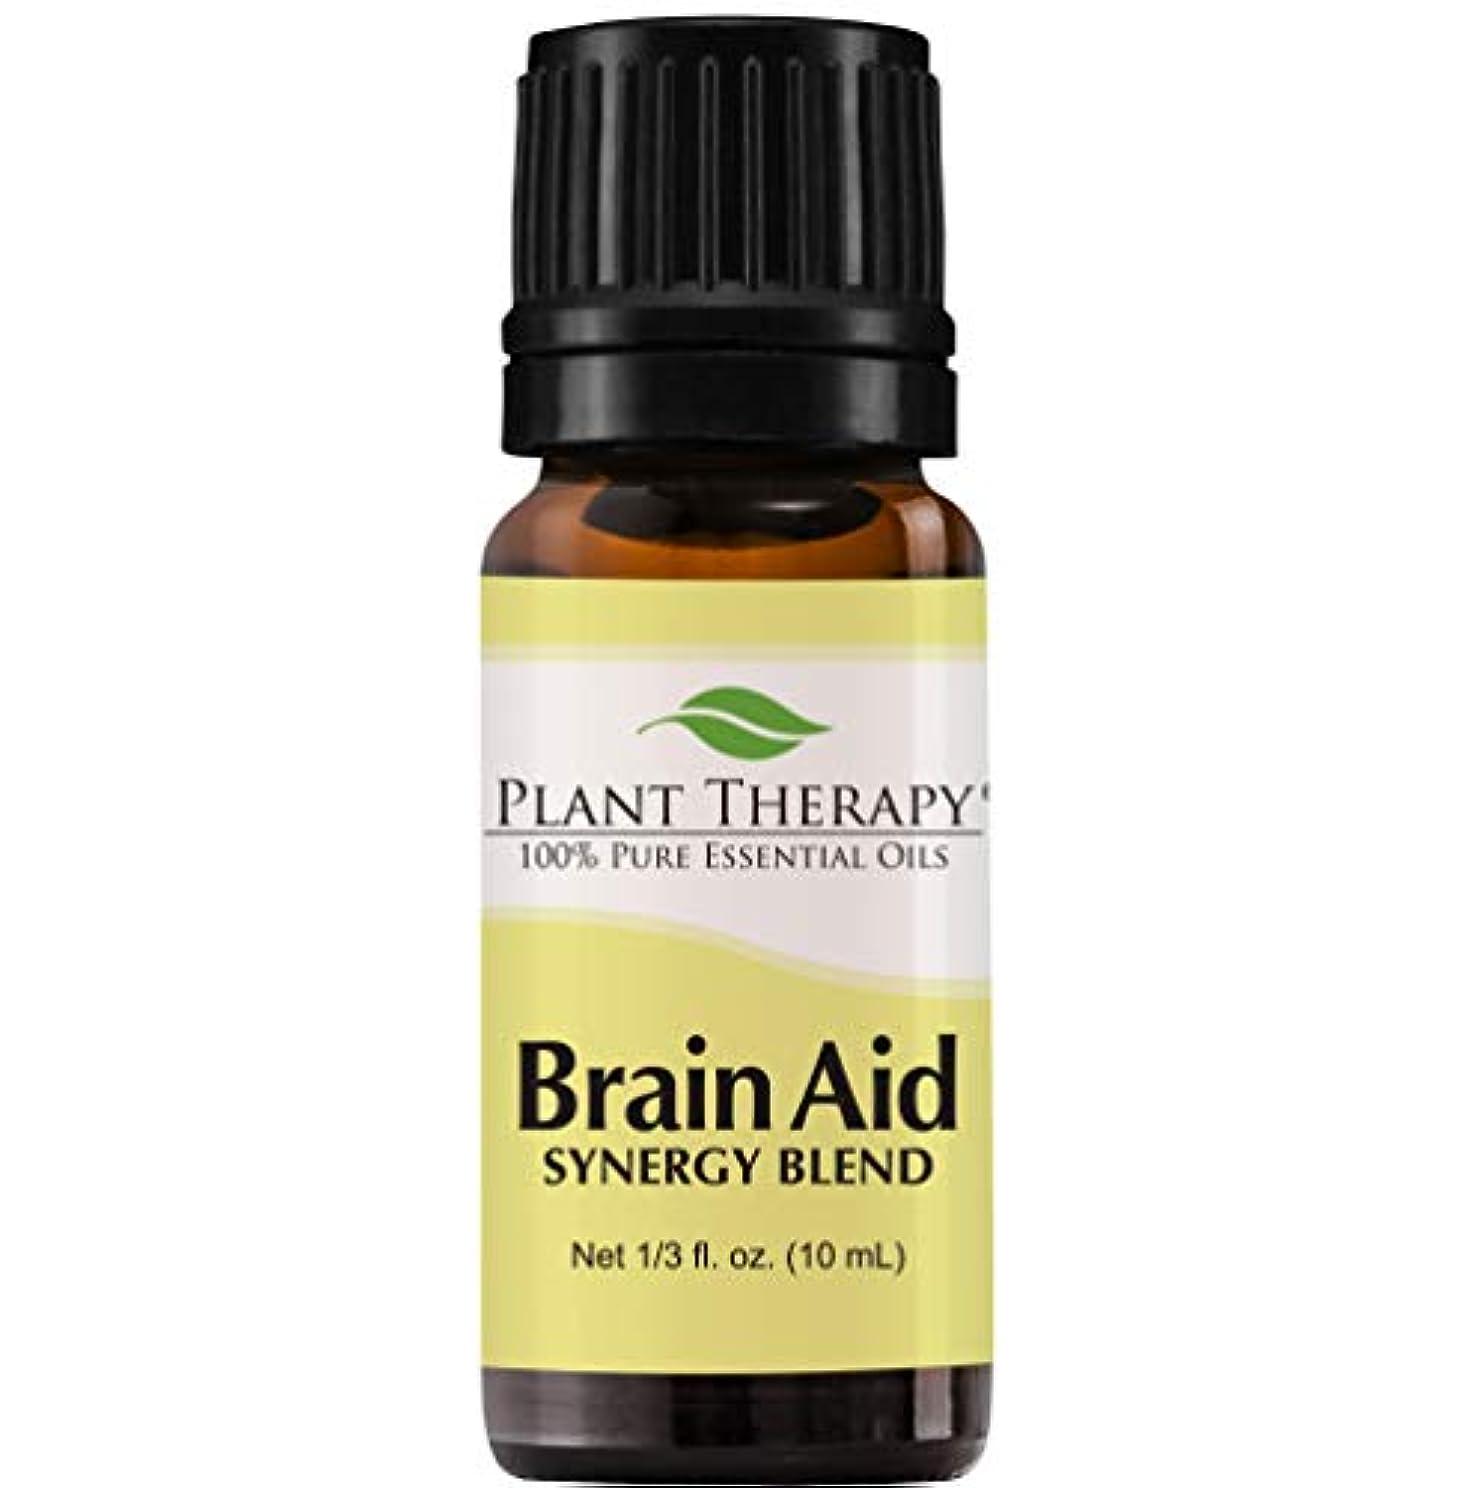 王子ビヨン鉄脳援助シナジー(精神的な焦点と明確にするため)。エッセンシャルオイルブレンド。 10ミリリットル(1/3オンス)。 100%ピュア、希釈していない、治療グレード。